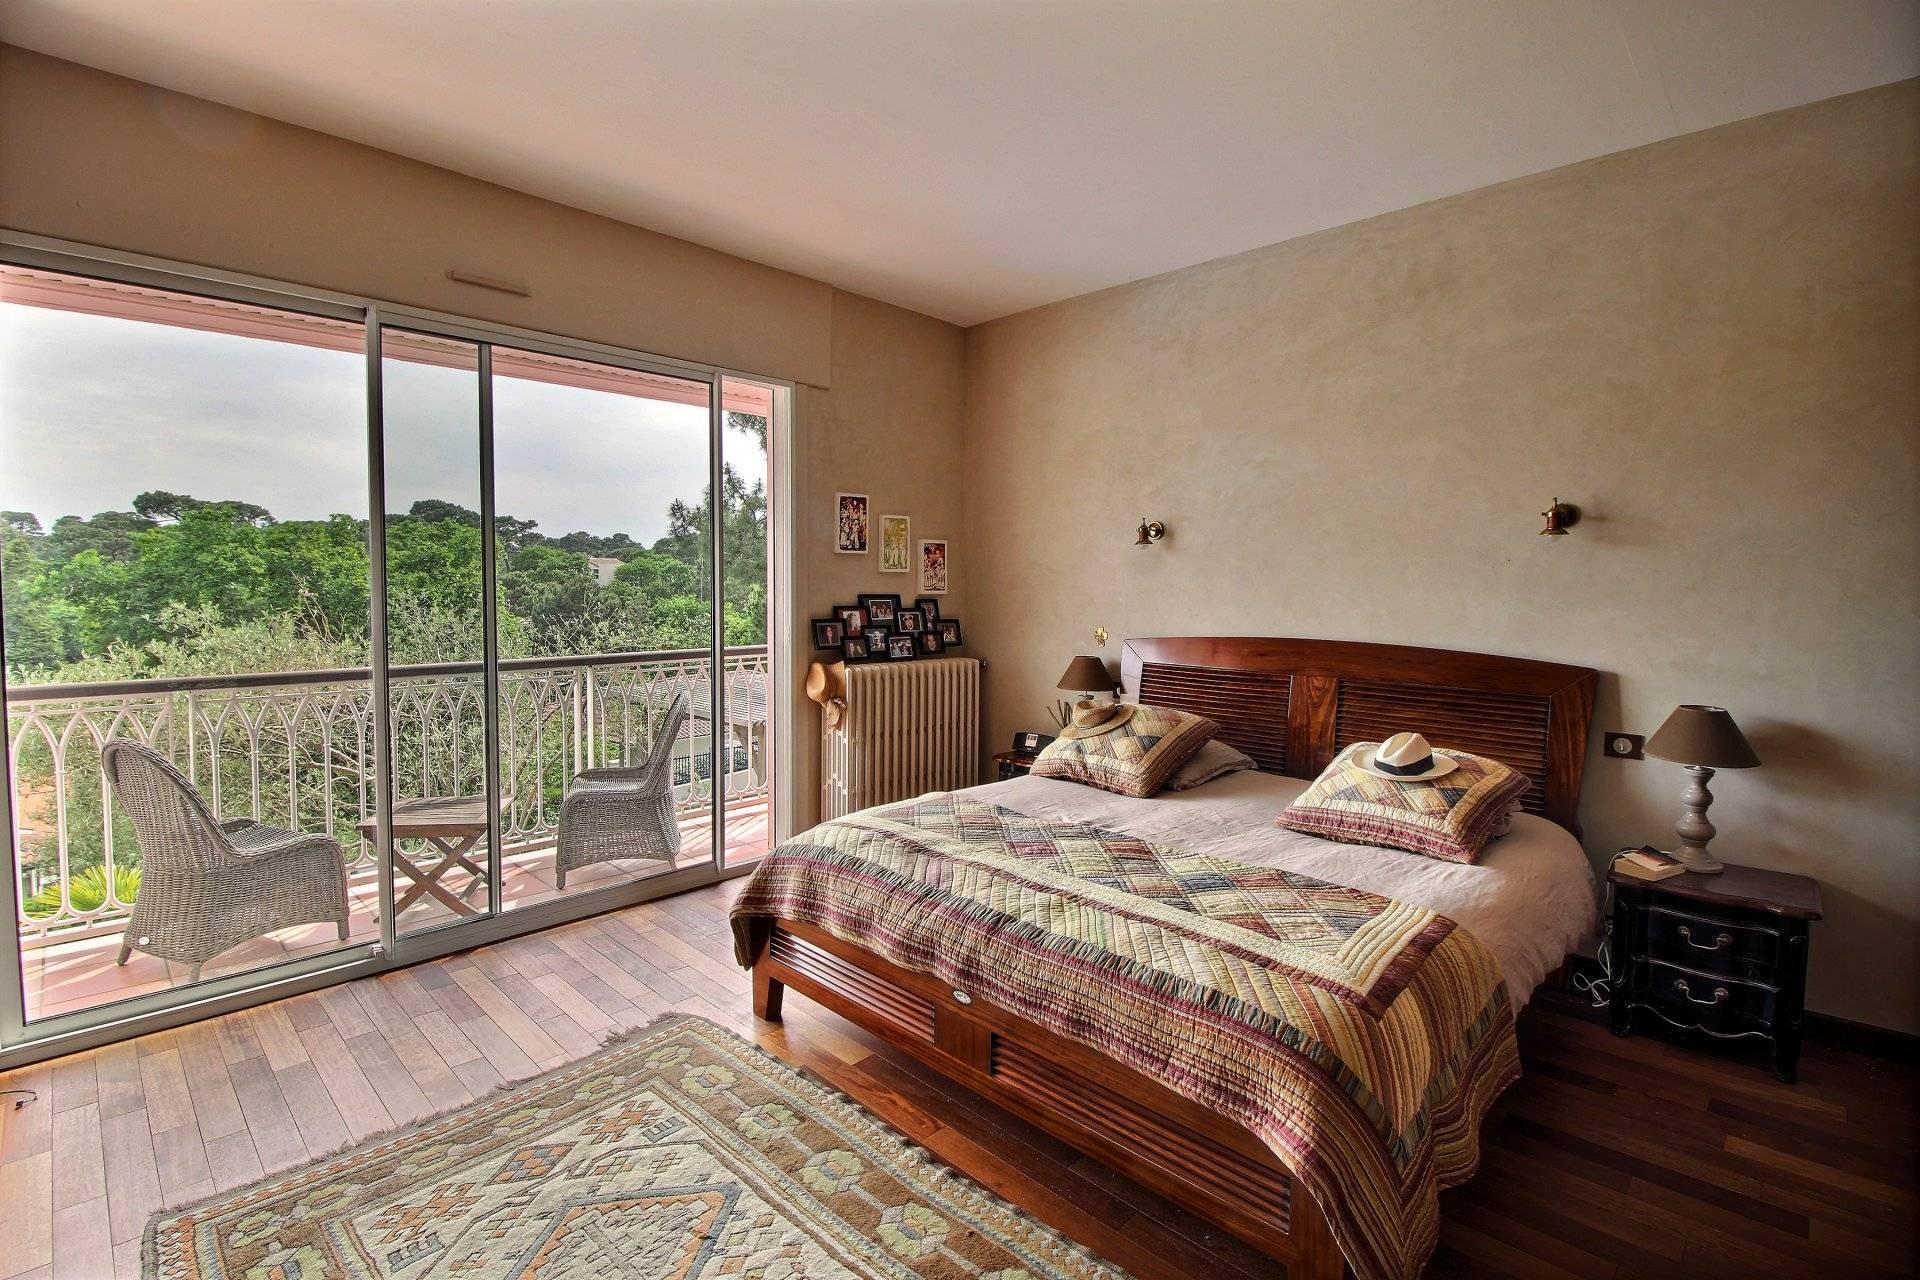 Villa de prestige avec vue panoramique à vendre quartier Pereire ARCACHON